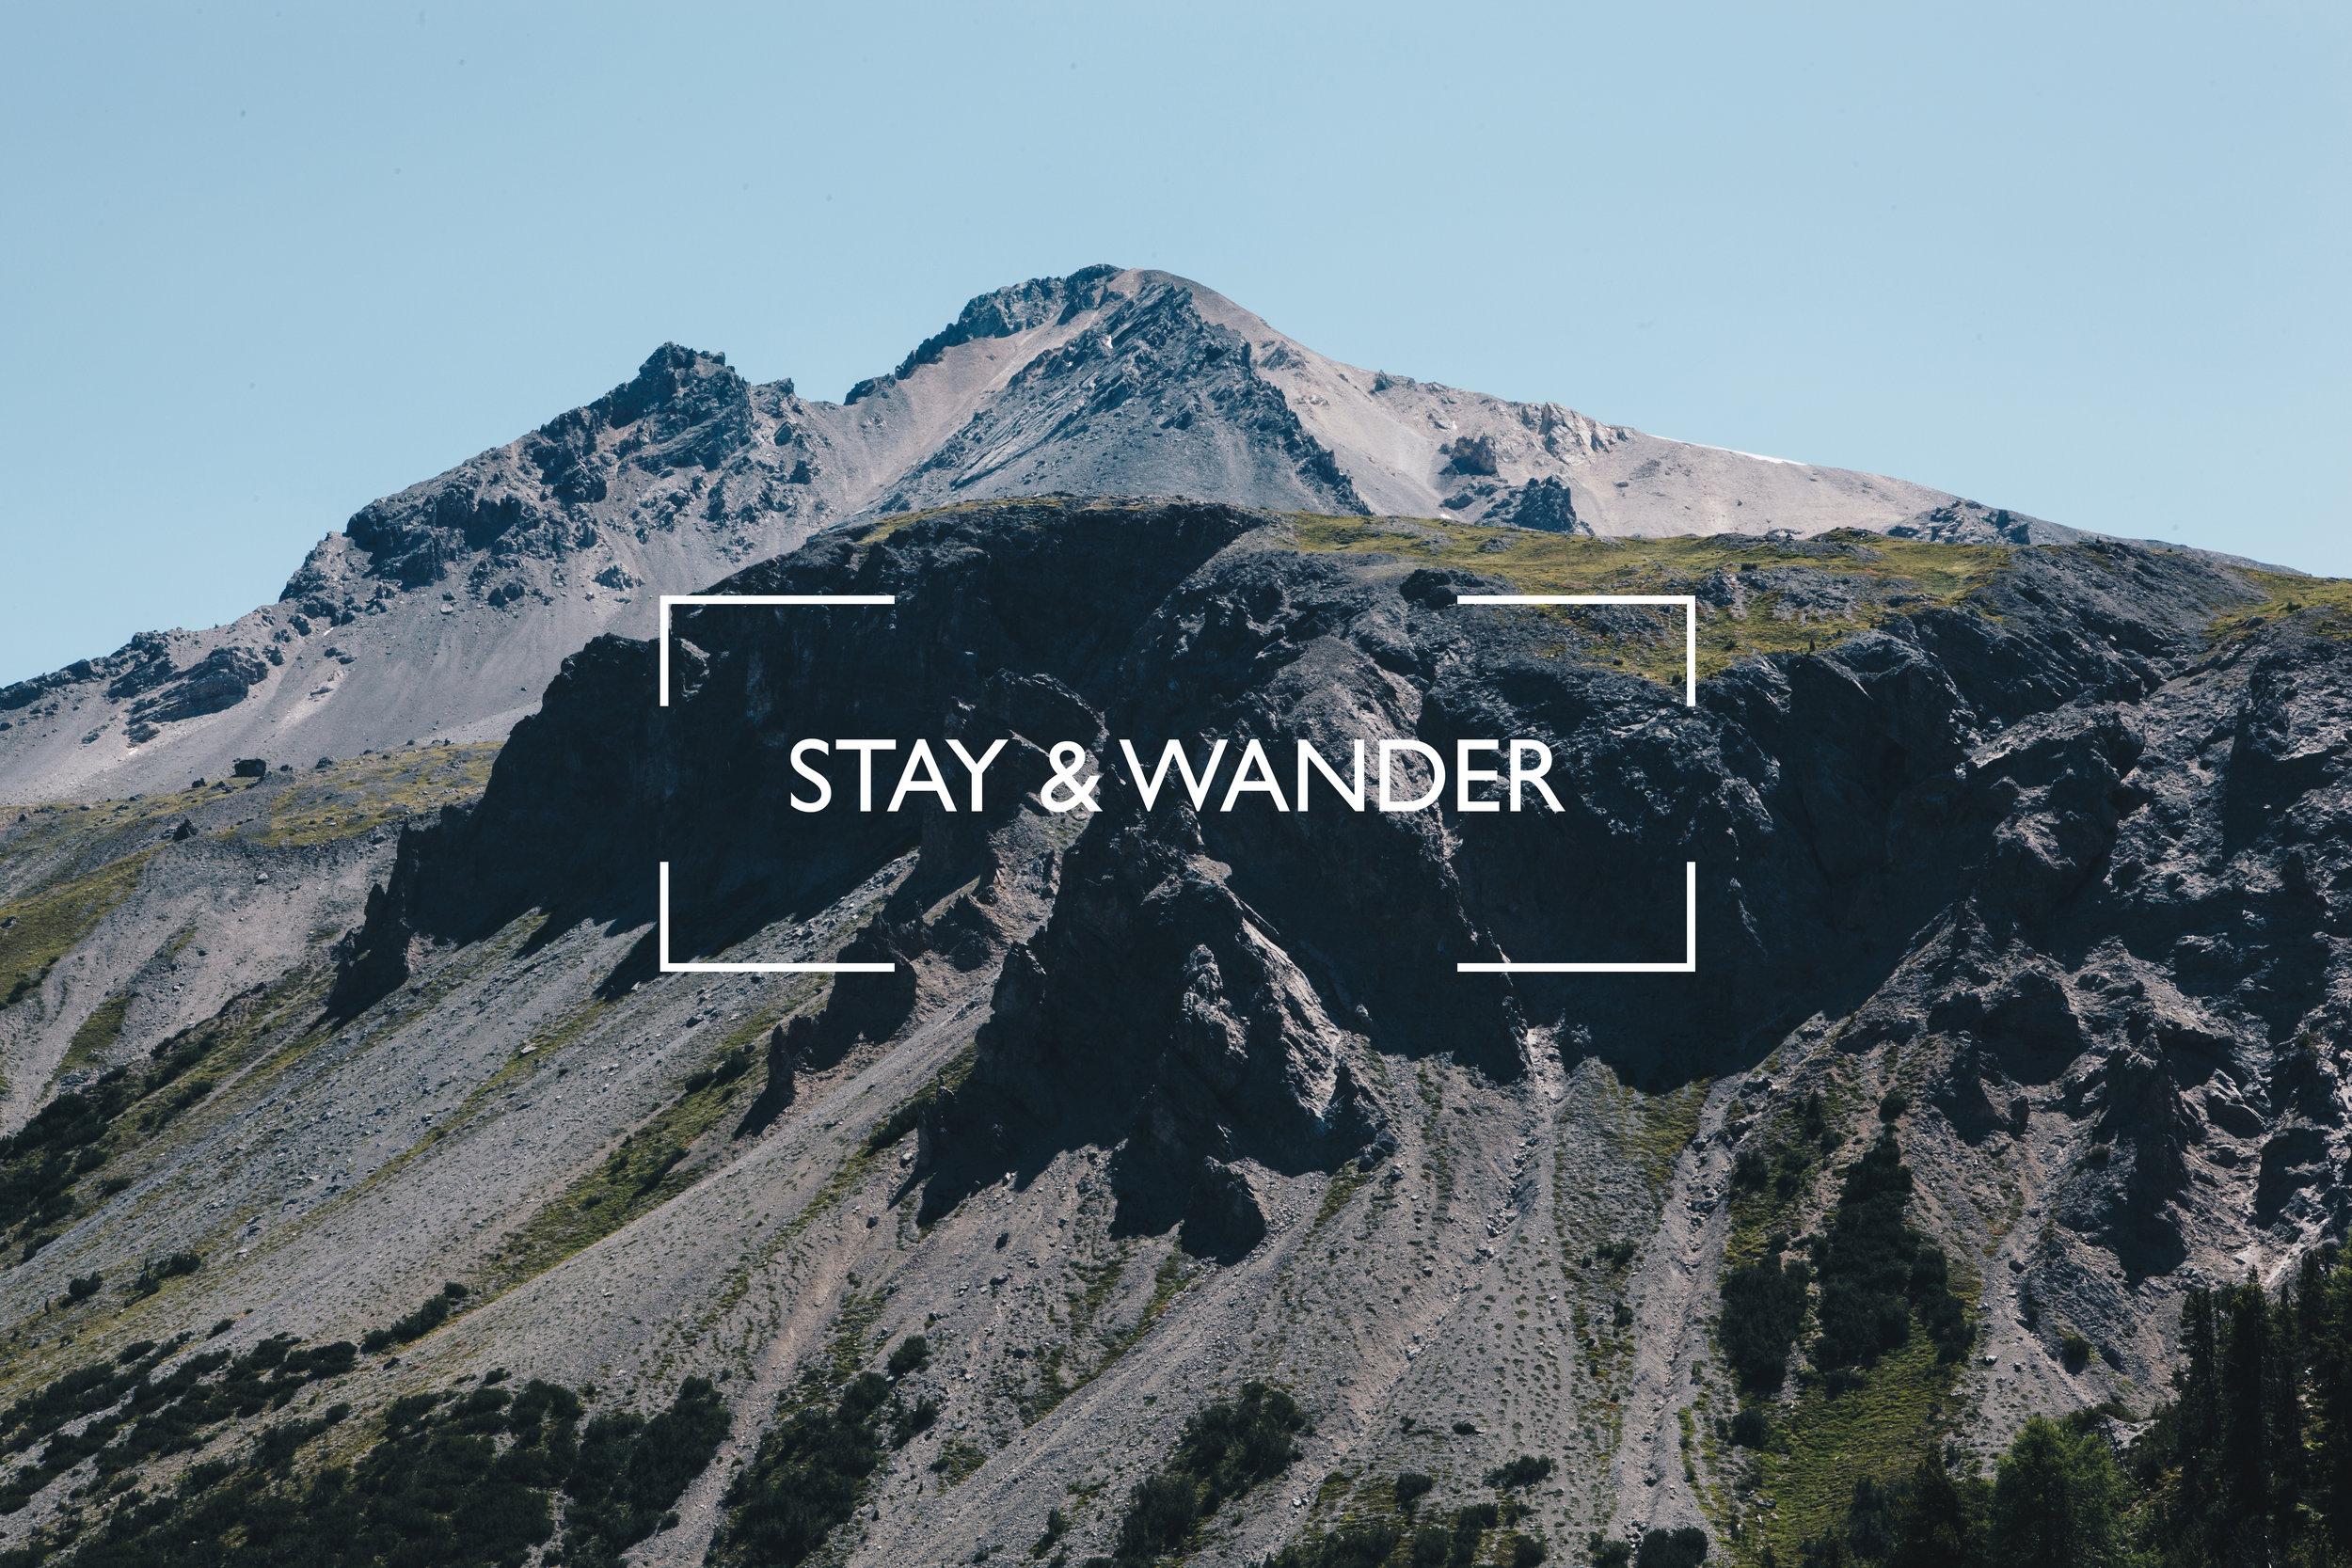 001_highlight_stay&wander2.jpg